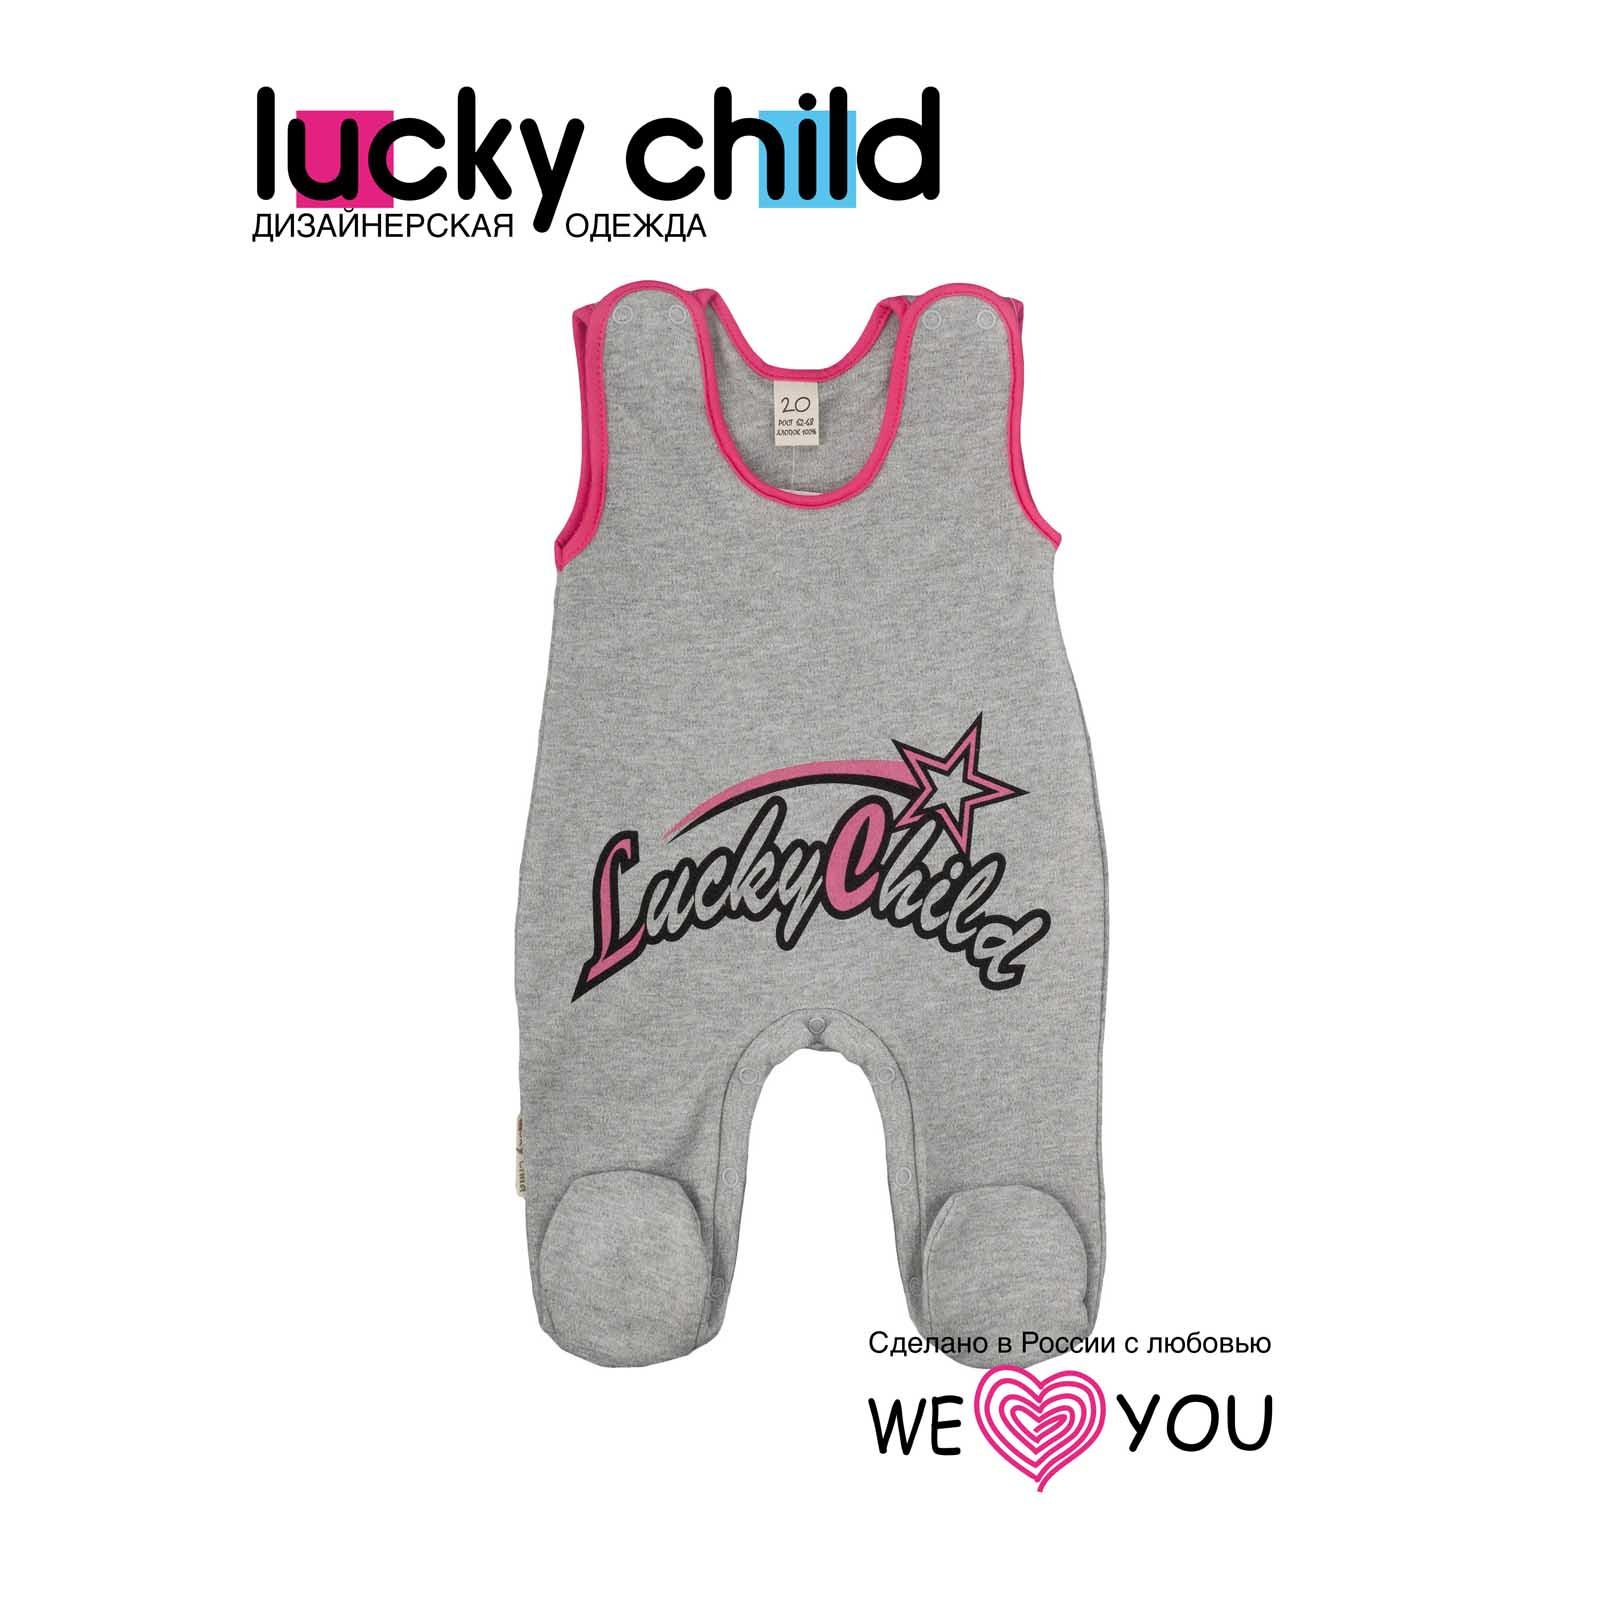 Ползунки высокие Lucky Child Лаки Чайлд  коллекция Спортивная линия,  для девочки серые с принтом размер 74<br>